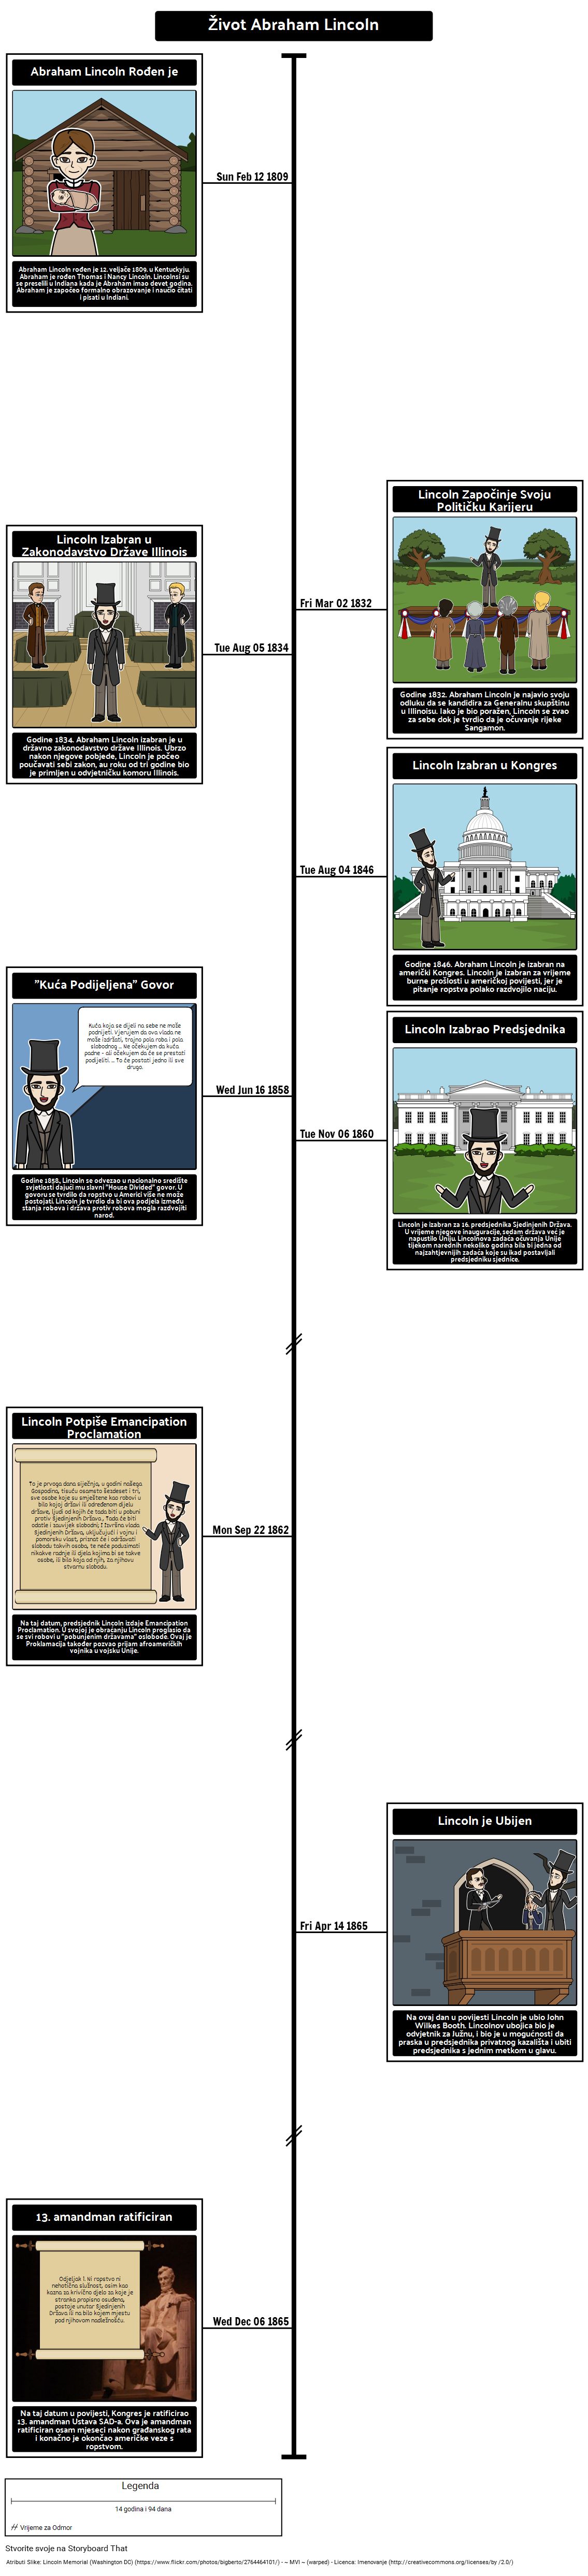 Biografija Predsjednika